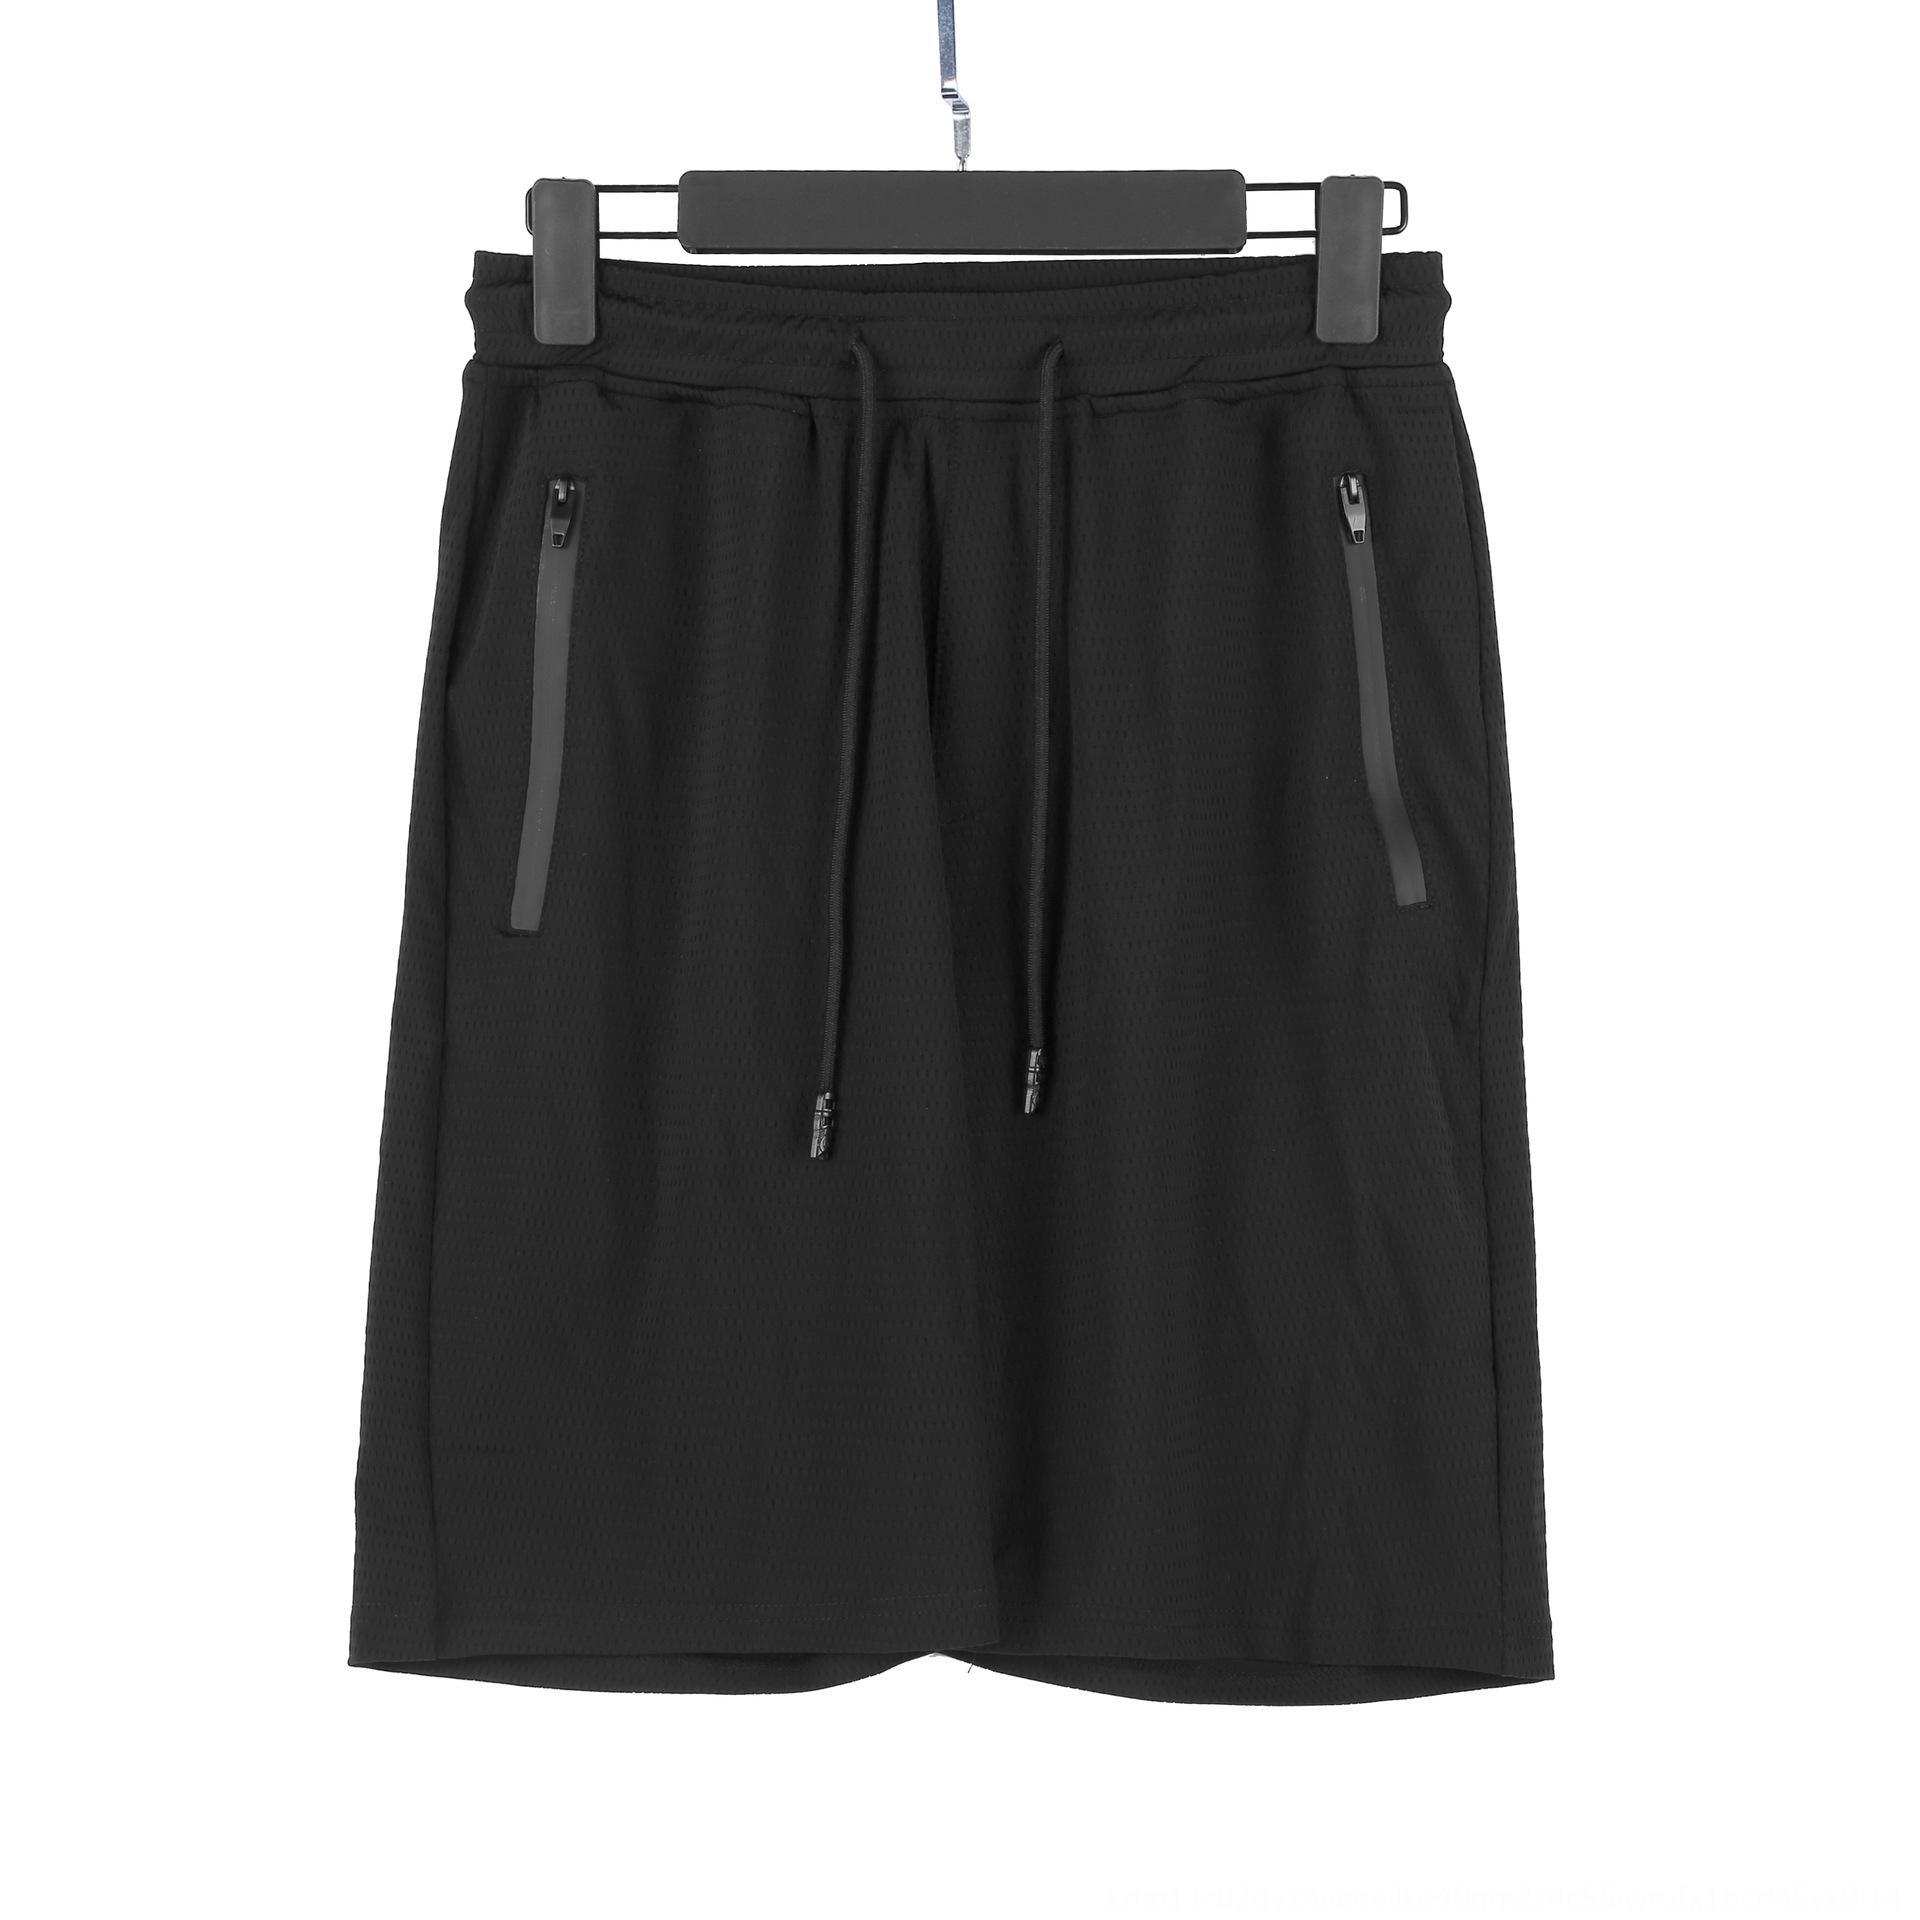 2020 verano pantalones de seda fina de hielo huecos-hacia fuera pantalones de traje de malla de tres barras deportes de los hombres respirables elásticos pantalones sueltos de manga corta se adapten a NFuSz